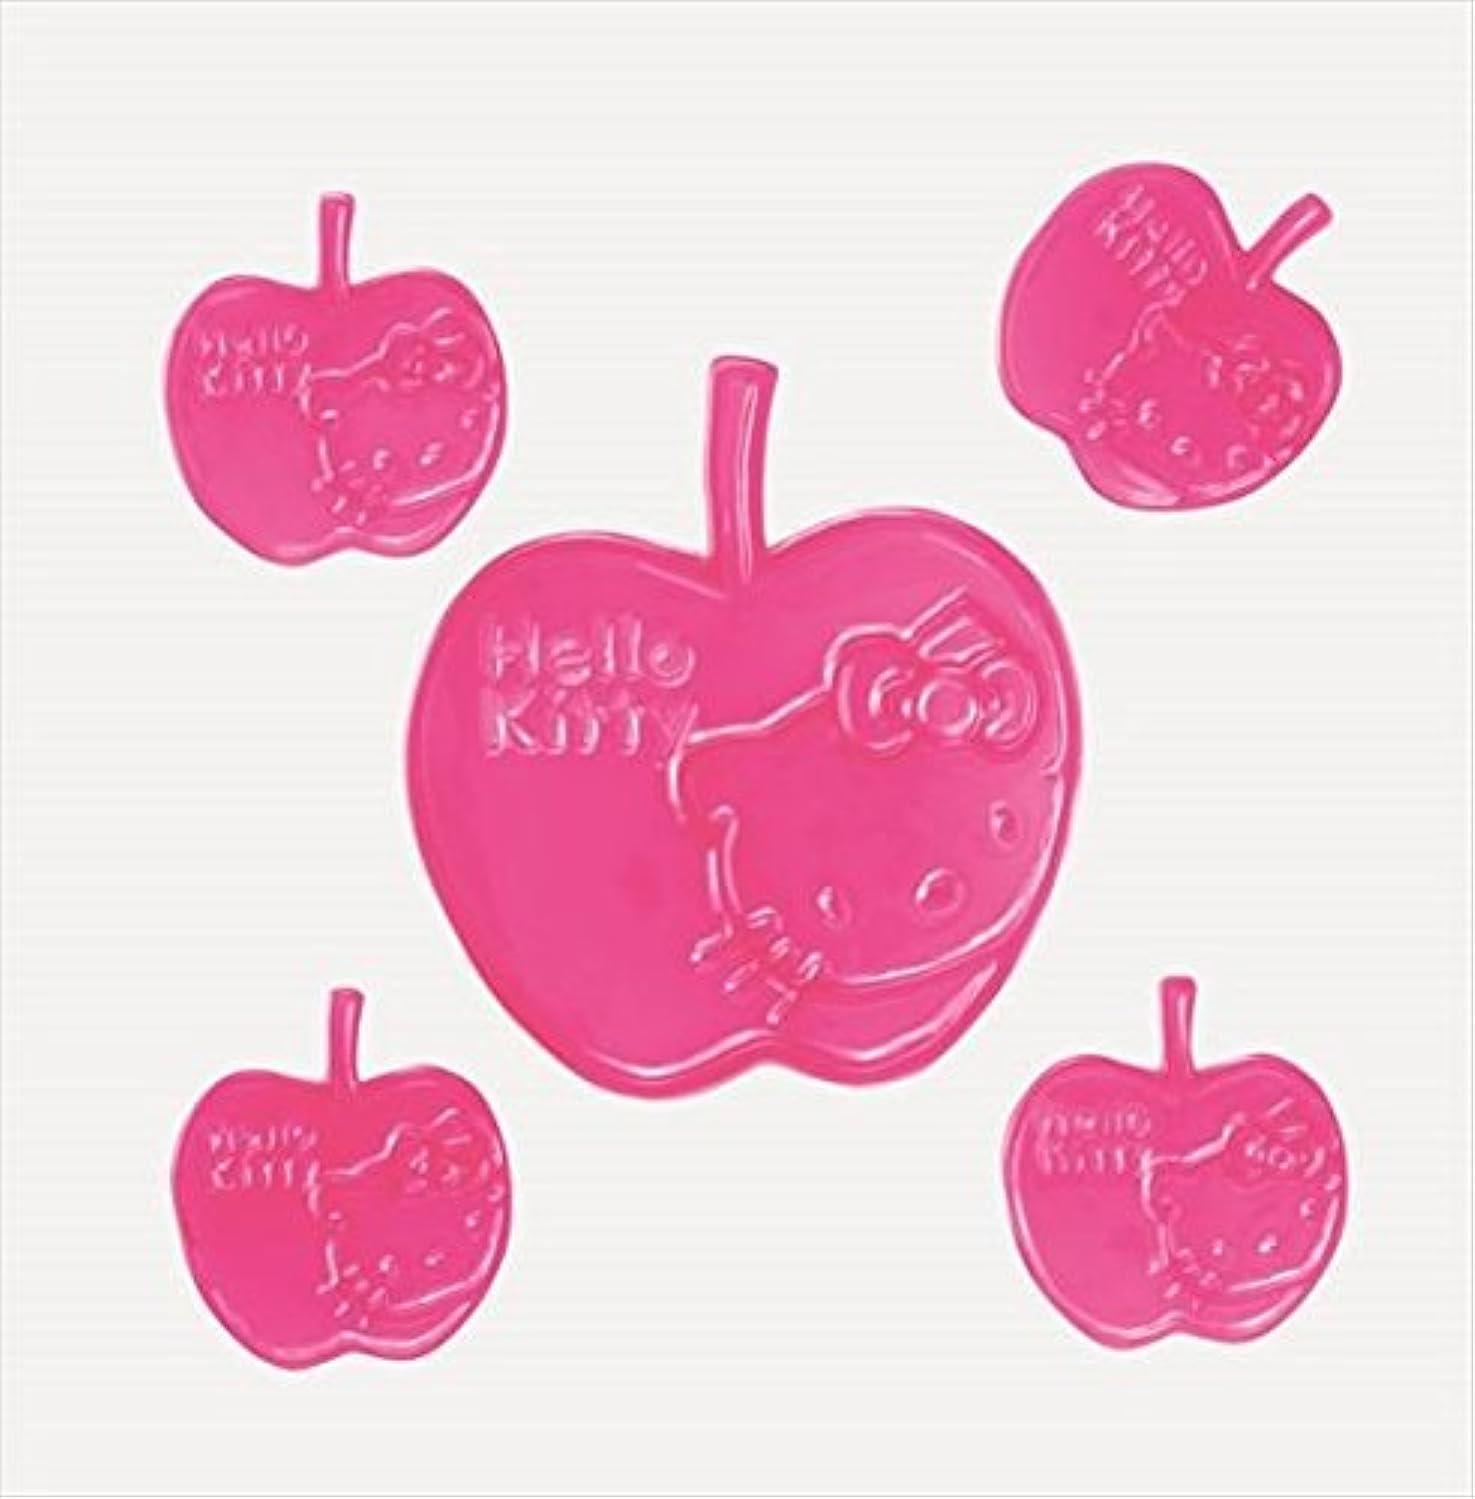 談話素人ホバートGelGems(ジェルジェム) ジェルジェムハローキティバッグS 「 ピンクリンゴ 」 E1200002 キャンドル 200x255x5mm (E1200002)